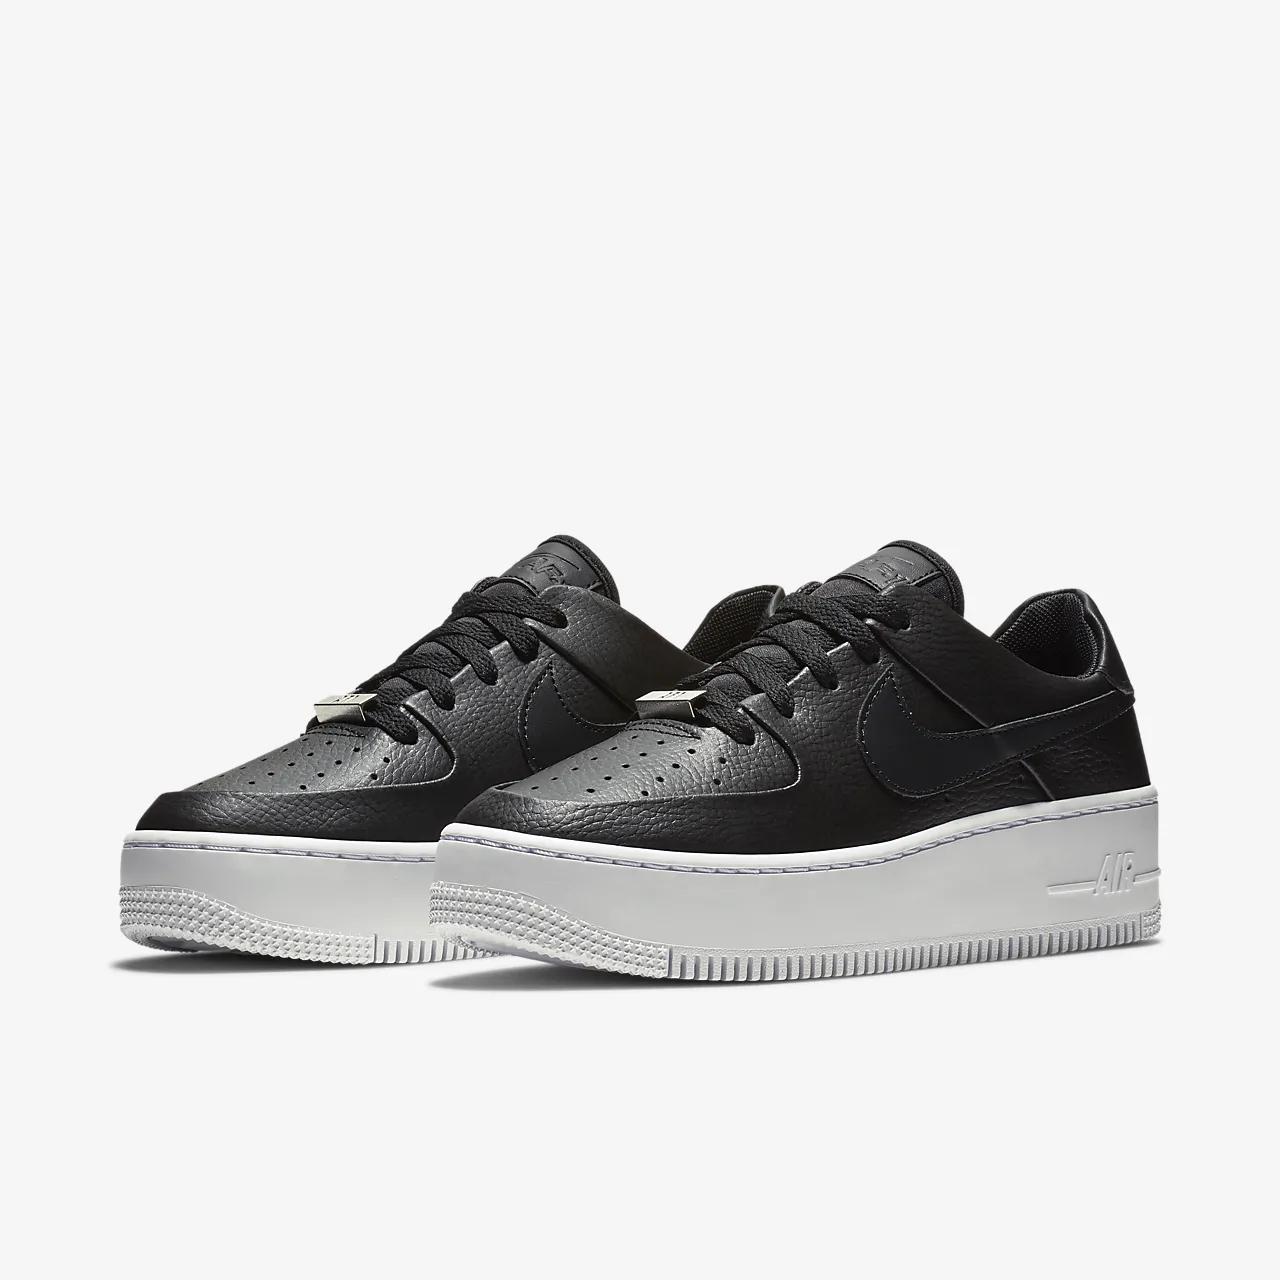 나이키 에어 포스 1 세이지 로우 여성 신발 AR5339-002